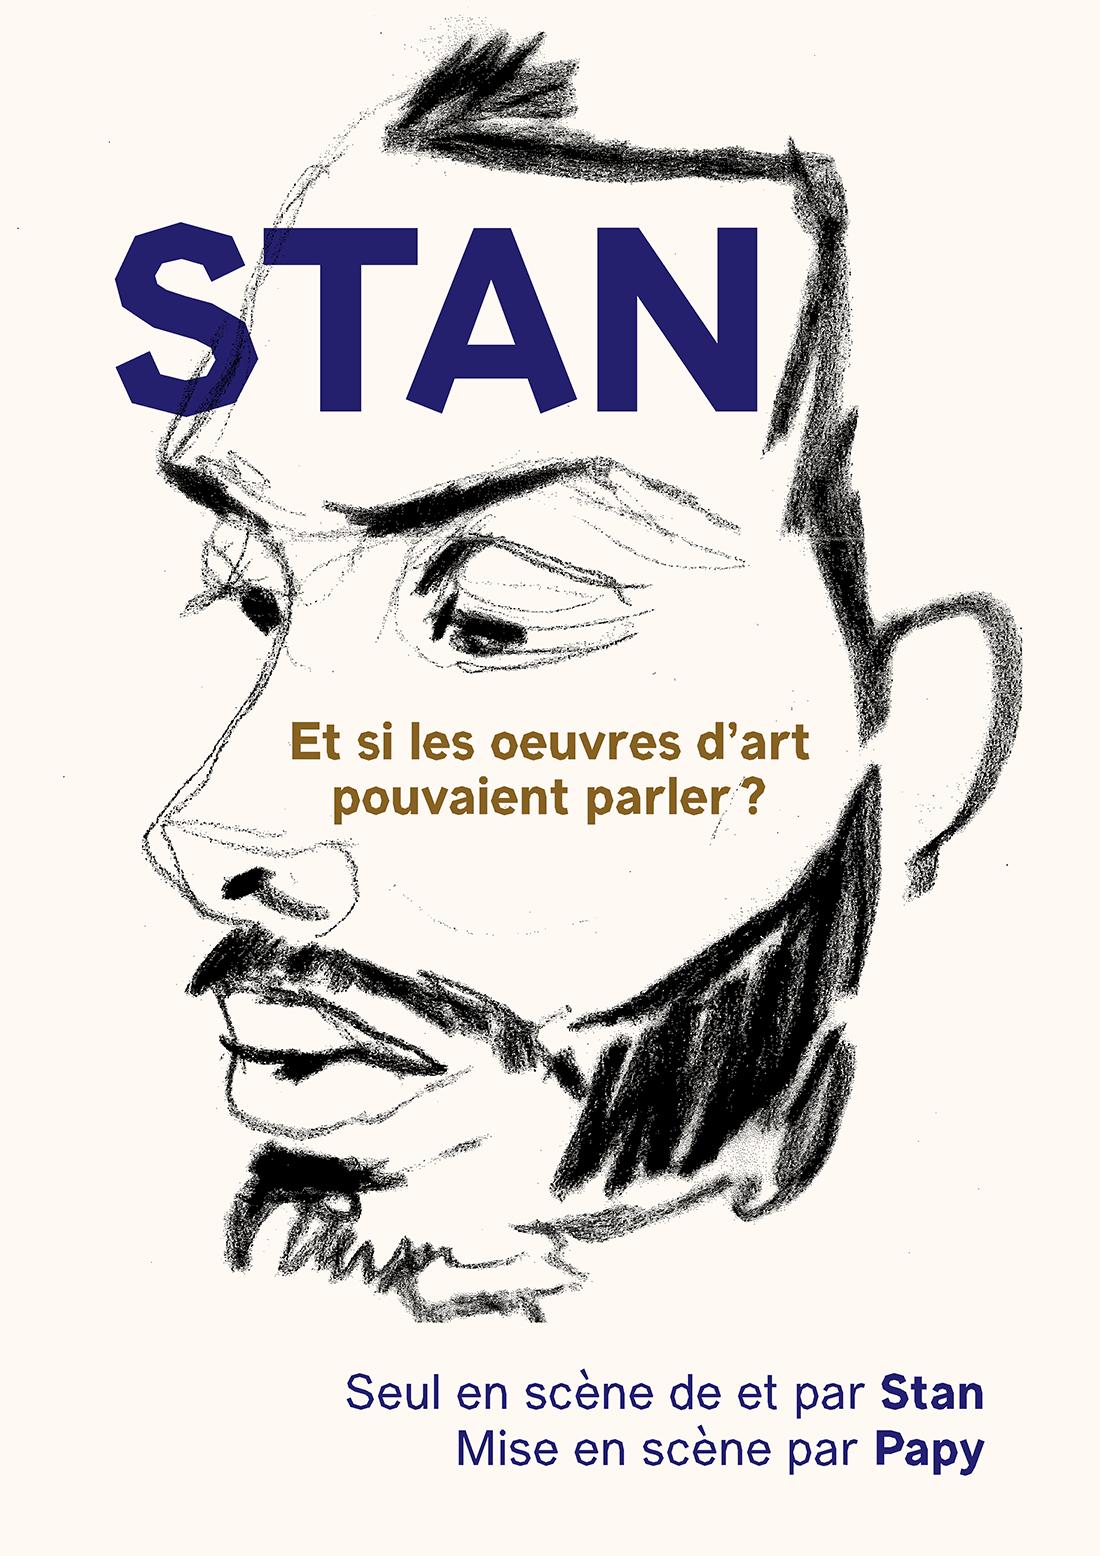 Affiche http://clarisselochmann